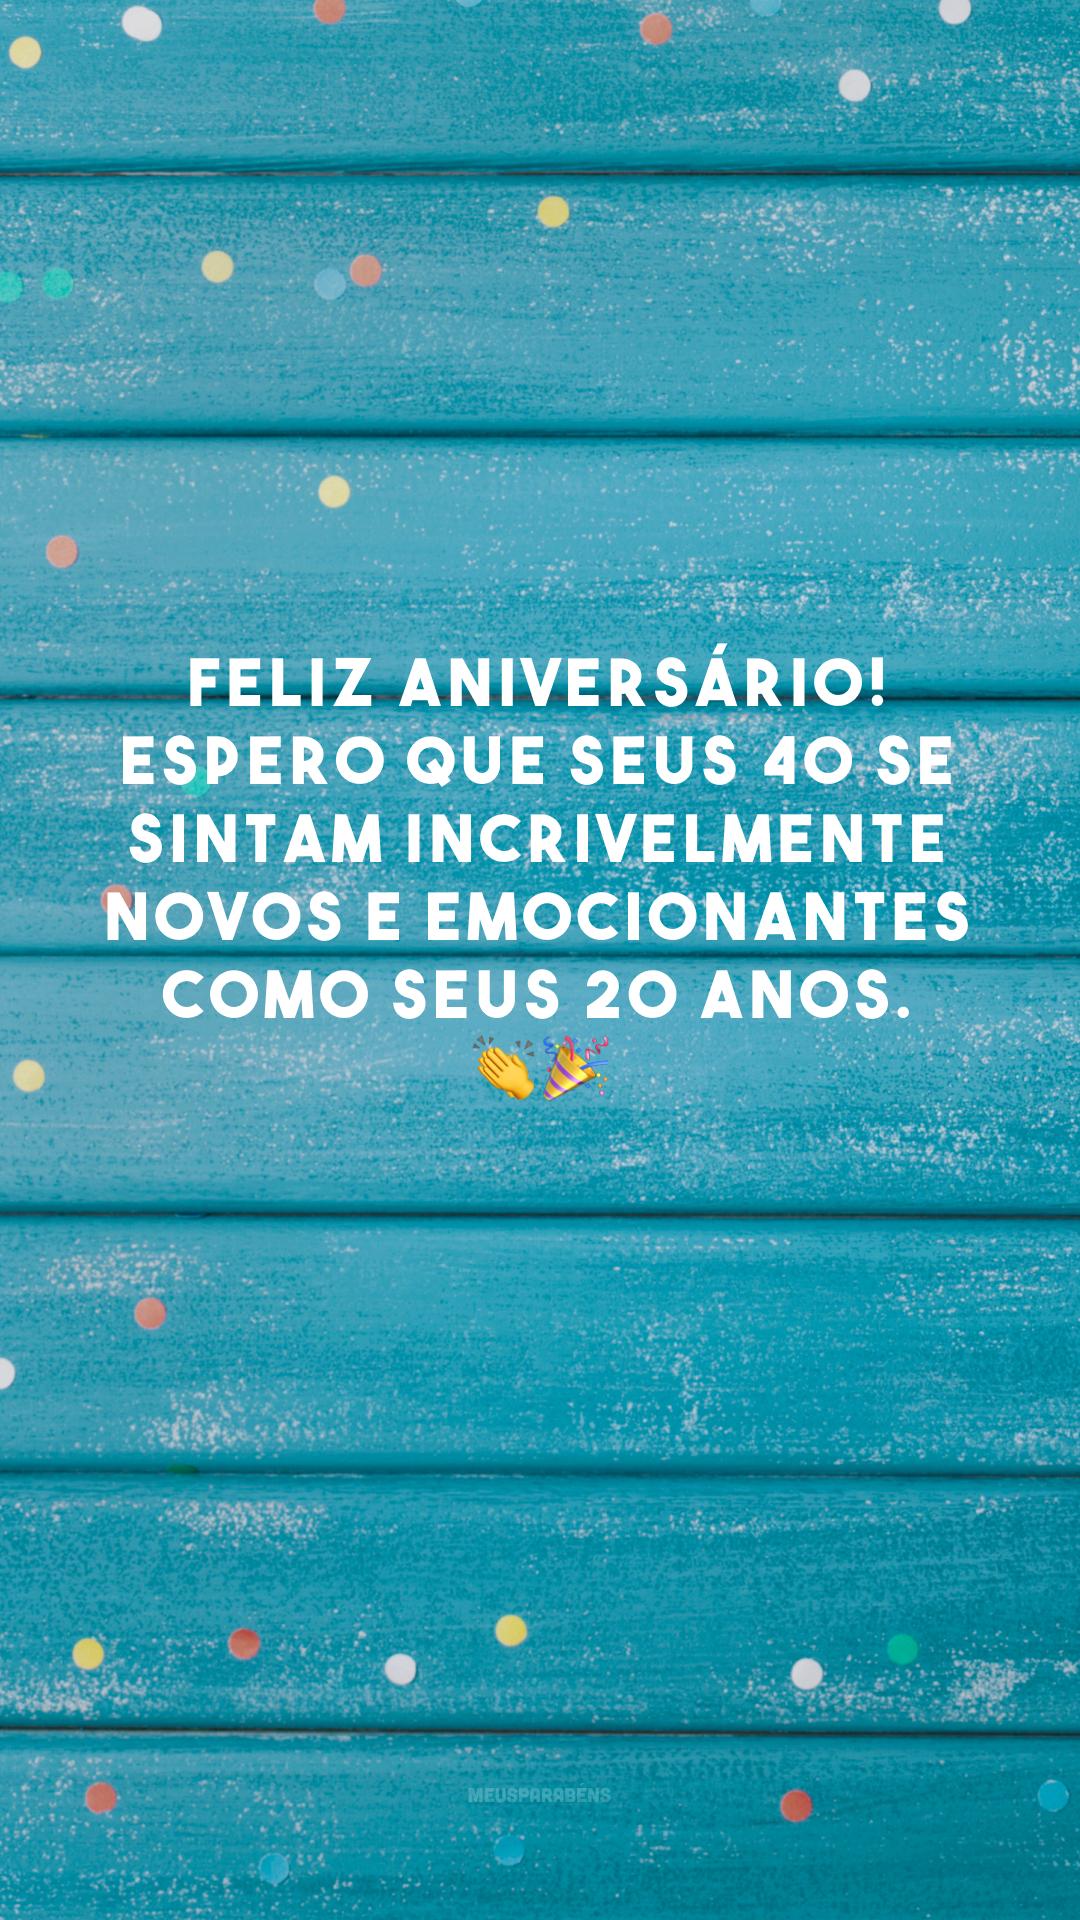 Feliz aniversário! Espero que seus 40 se sintam incrivelmente novos e emocionantes como seus 20 anos. 👏🎉